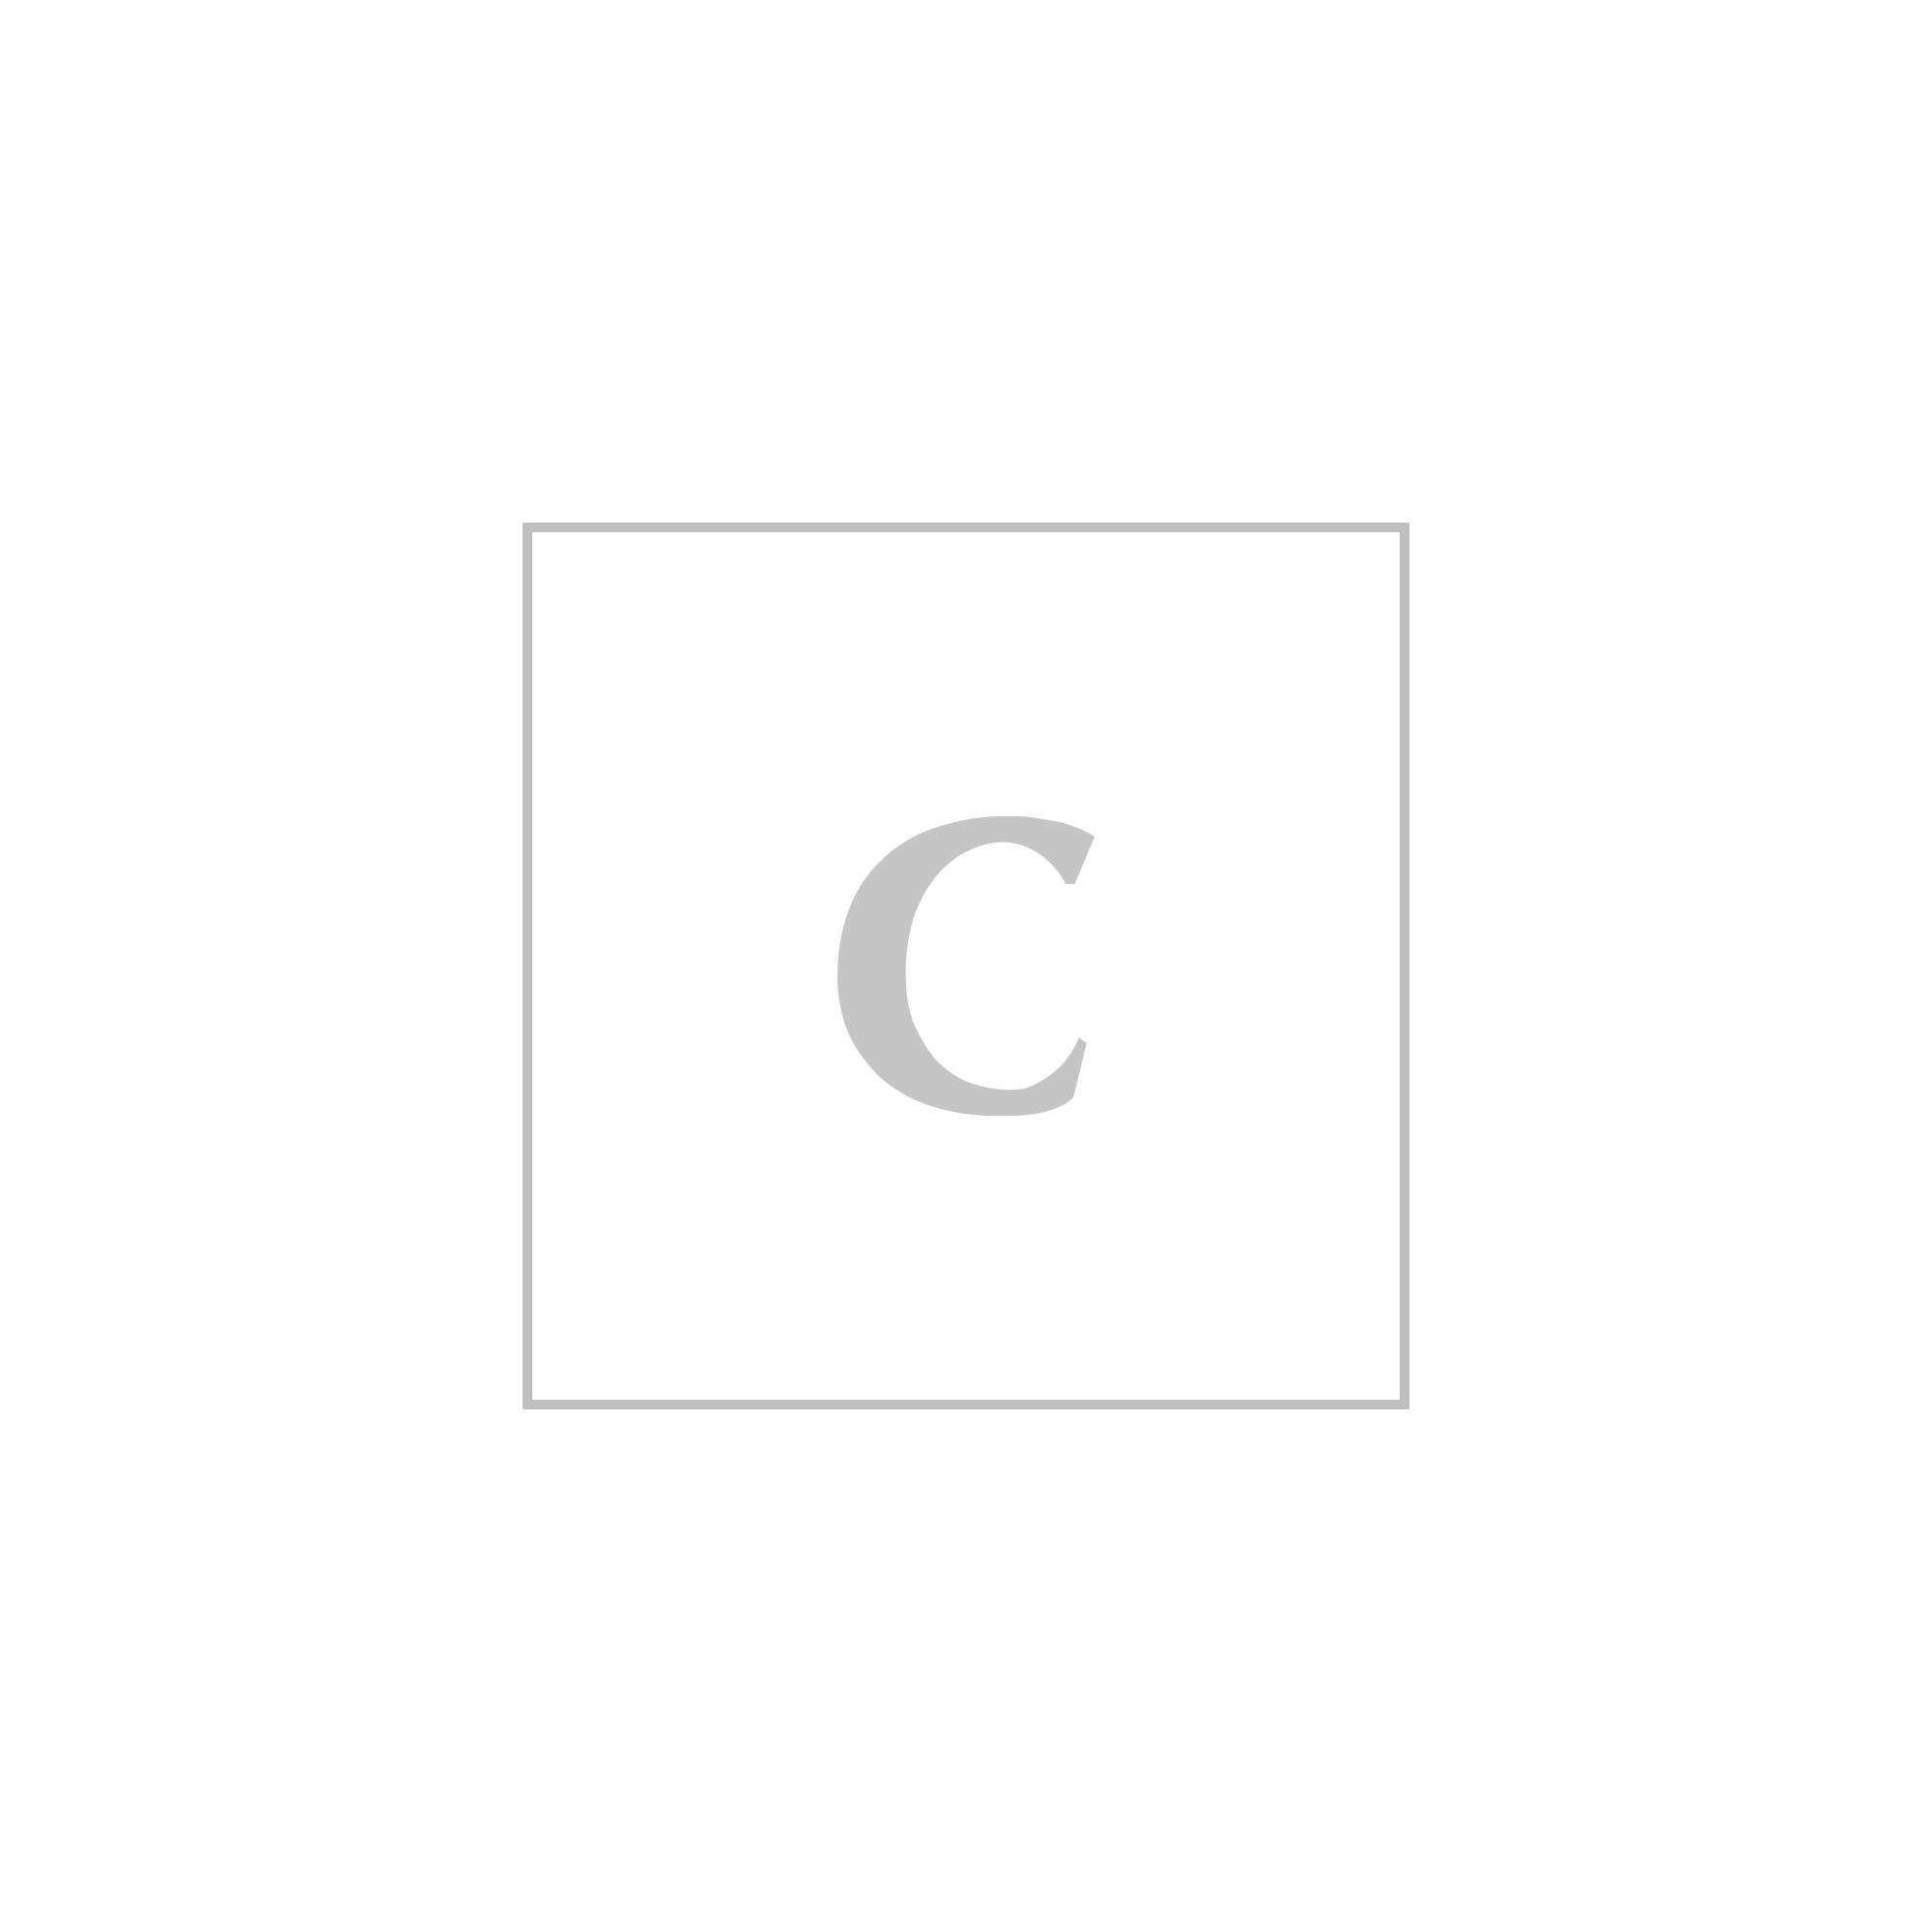 Dolce & gabbana cartella in nylon